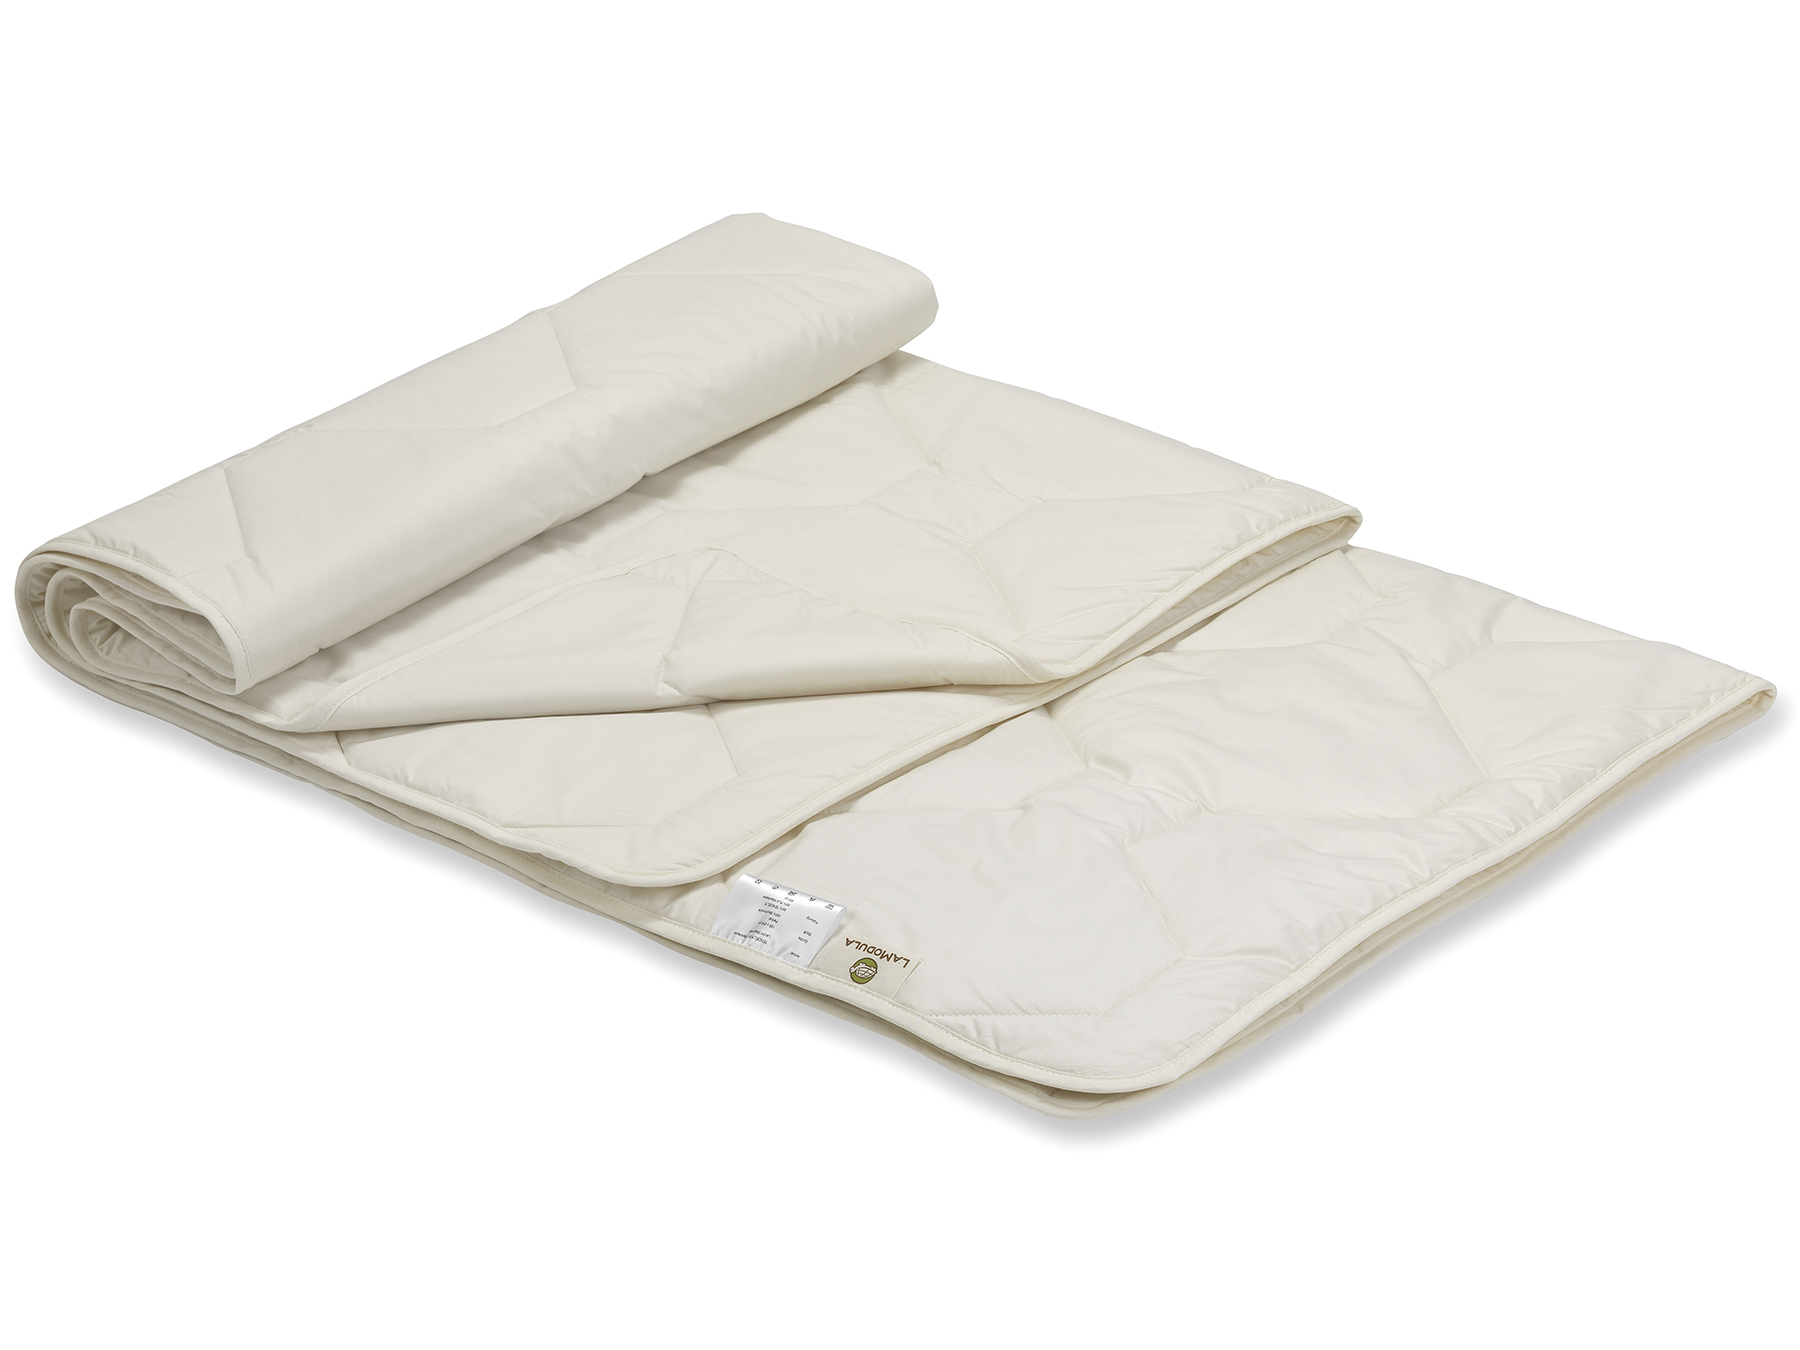 Füllung: TENCEL™ Faser und Mais-Vlies, Bezug: Perkal aus Bio-Baumwolle (kbA)